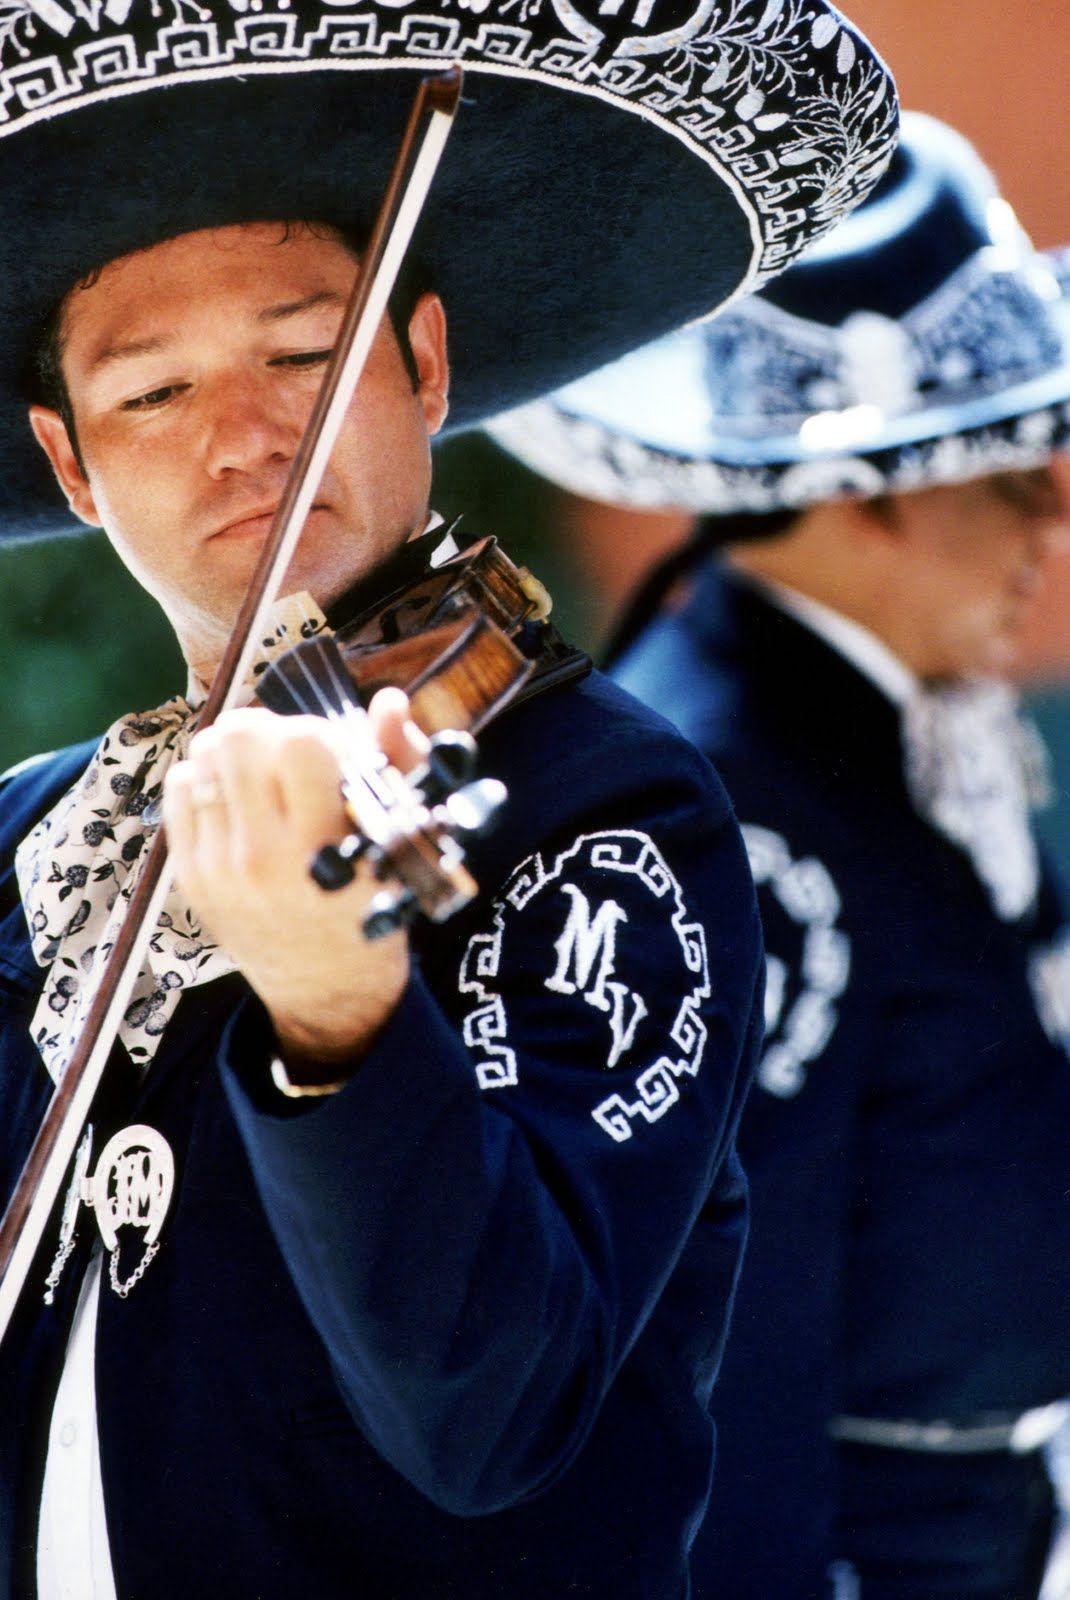 Http Deliahernandezintrospecciones Blogspot Com 2011 08 El Mariachi Orgullo Y Tradicion De Html Mexico Tradiciones Cultura Mexicana Mexico Lindo